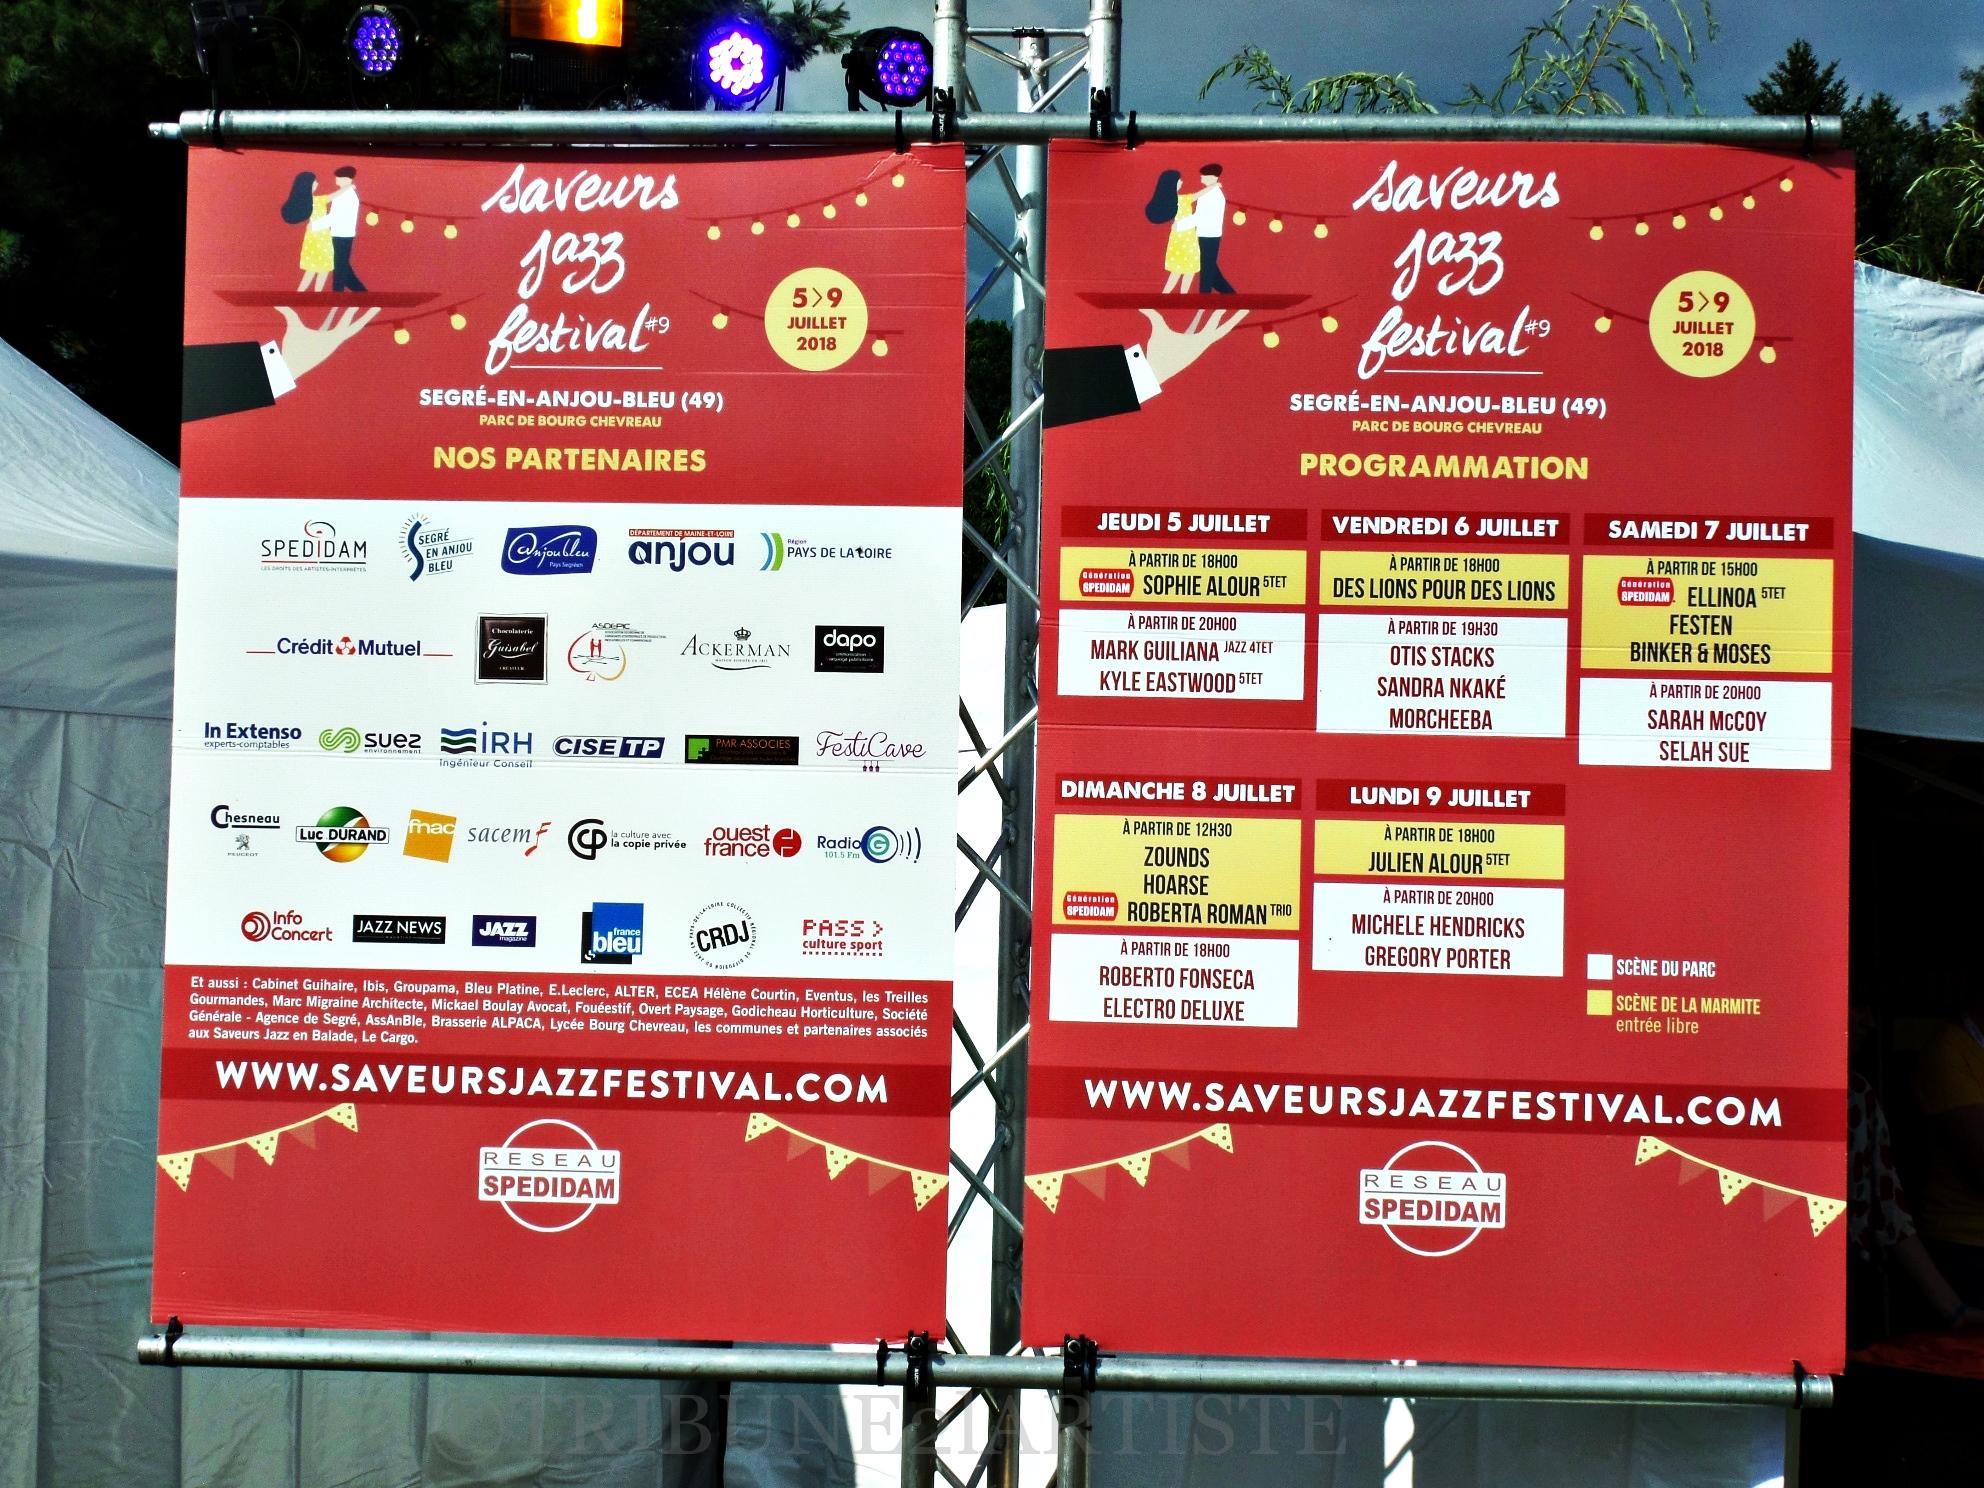 Les Saveurs Jazz Festival : un démarrage tonitruant, et qui augure d'une suite encore plus soutenue au regard de la liste.